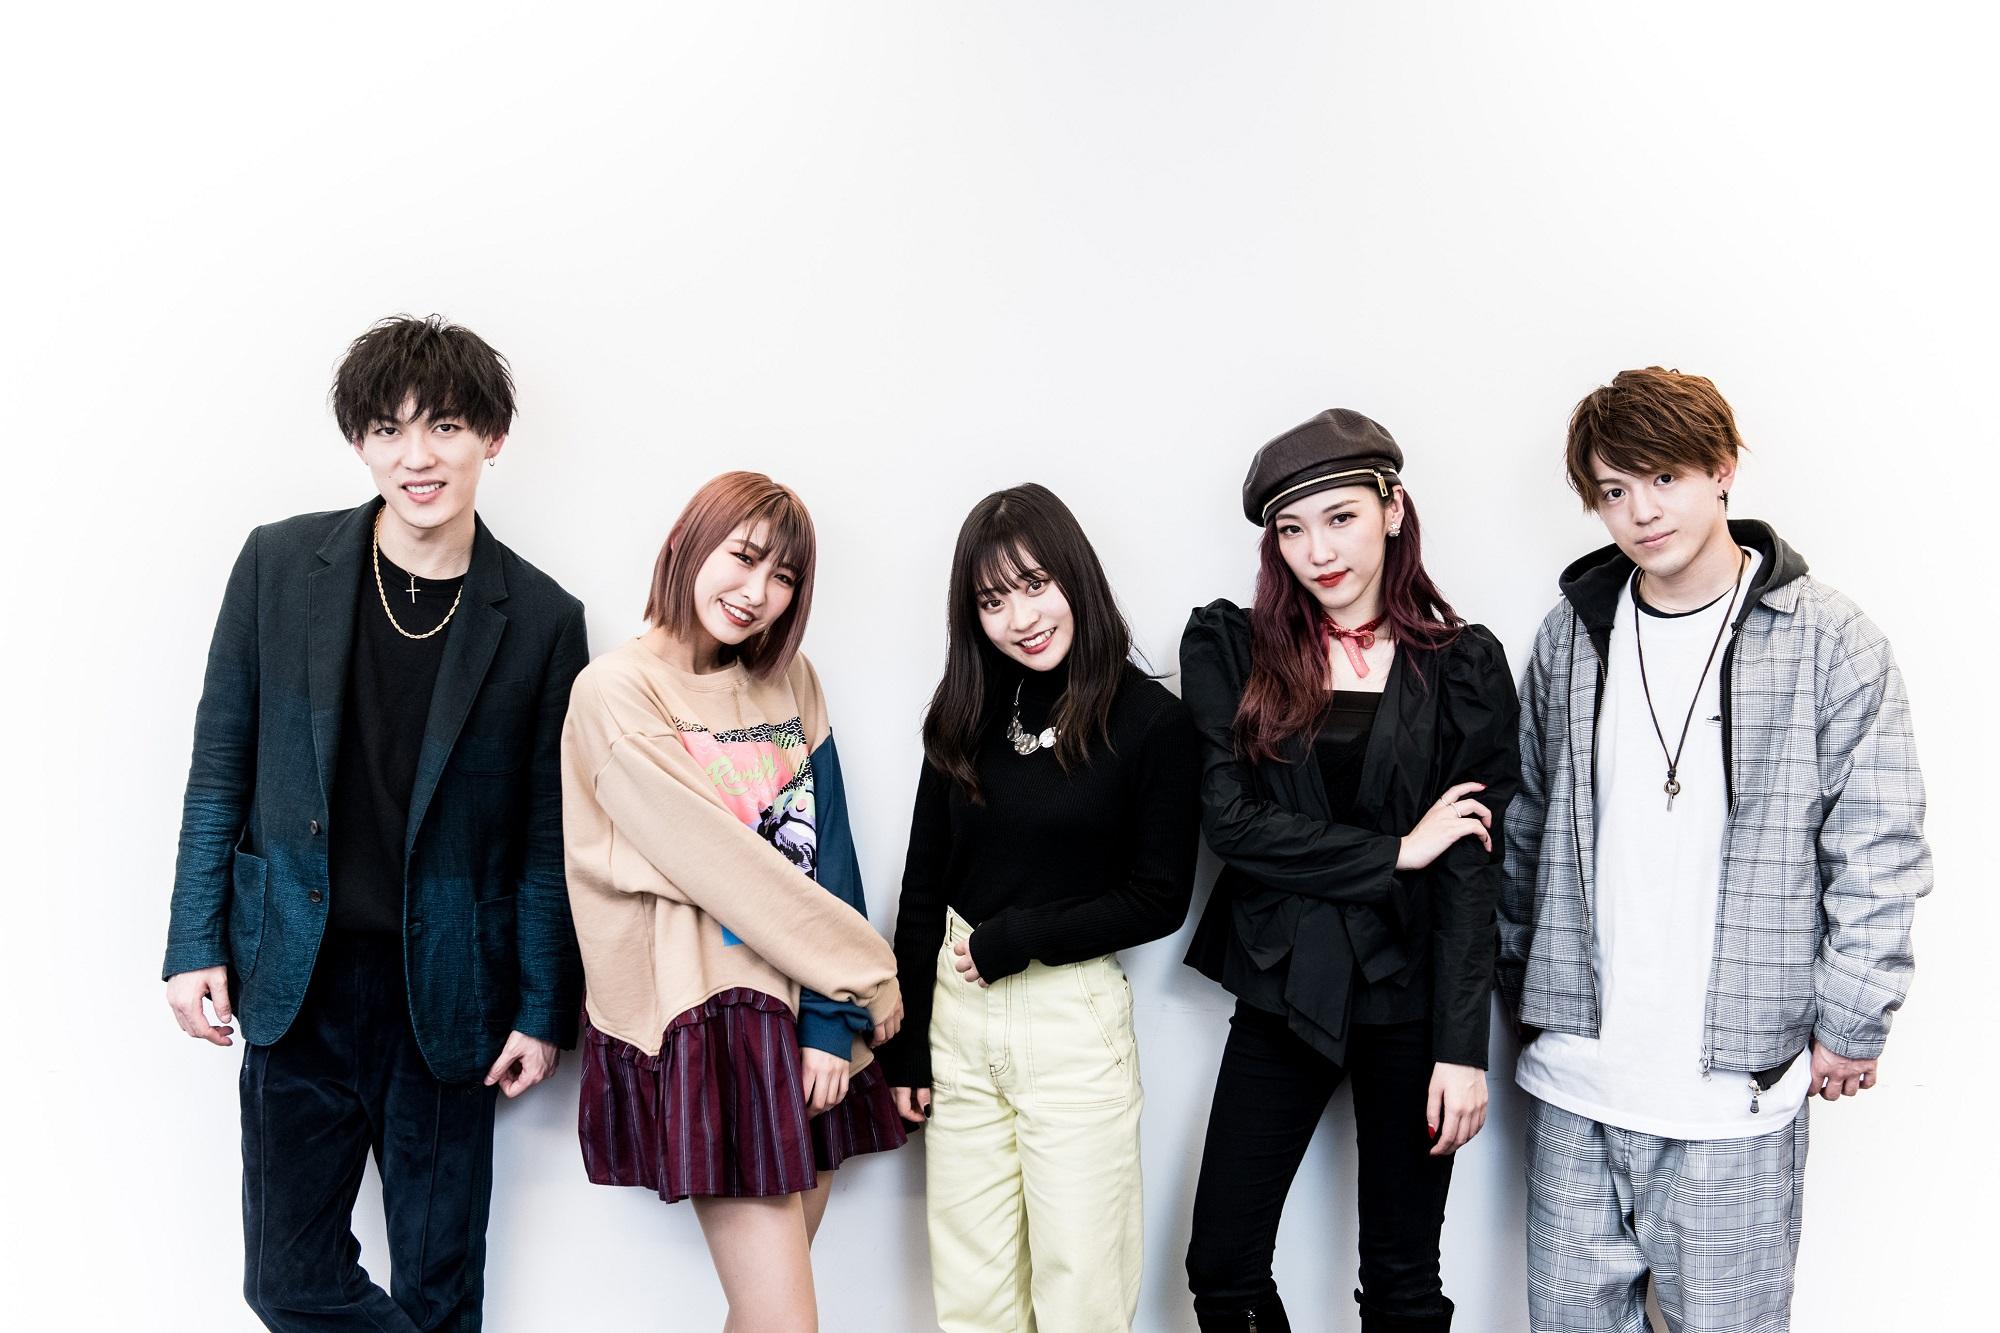 男女混合のダンス&ヴォーカルグループ、Re:Complexの恋愛観は ...